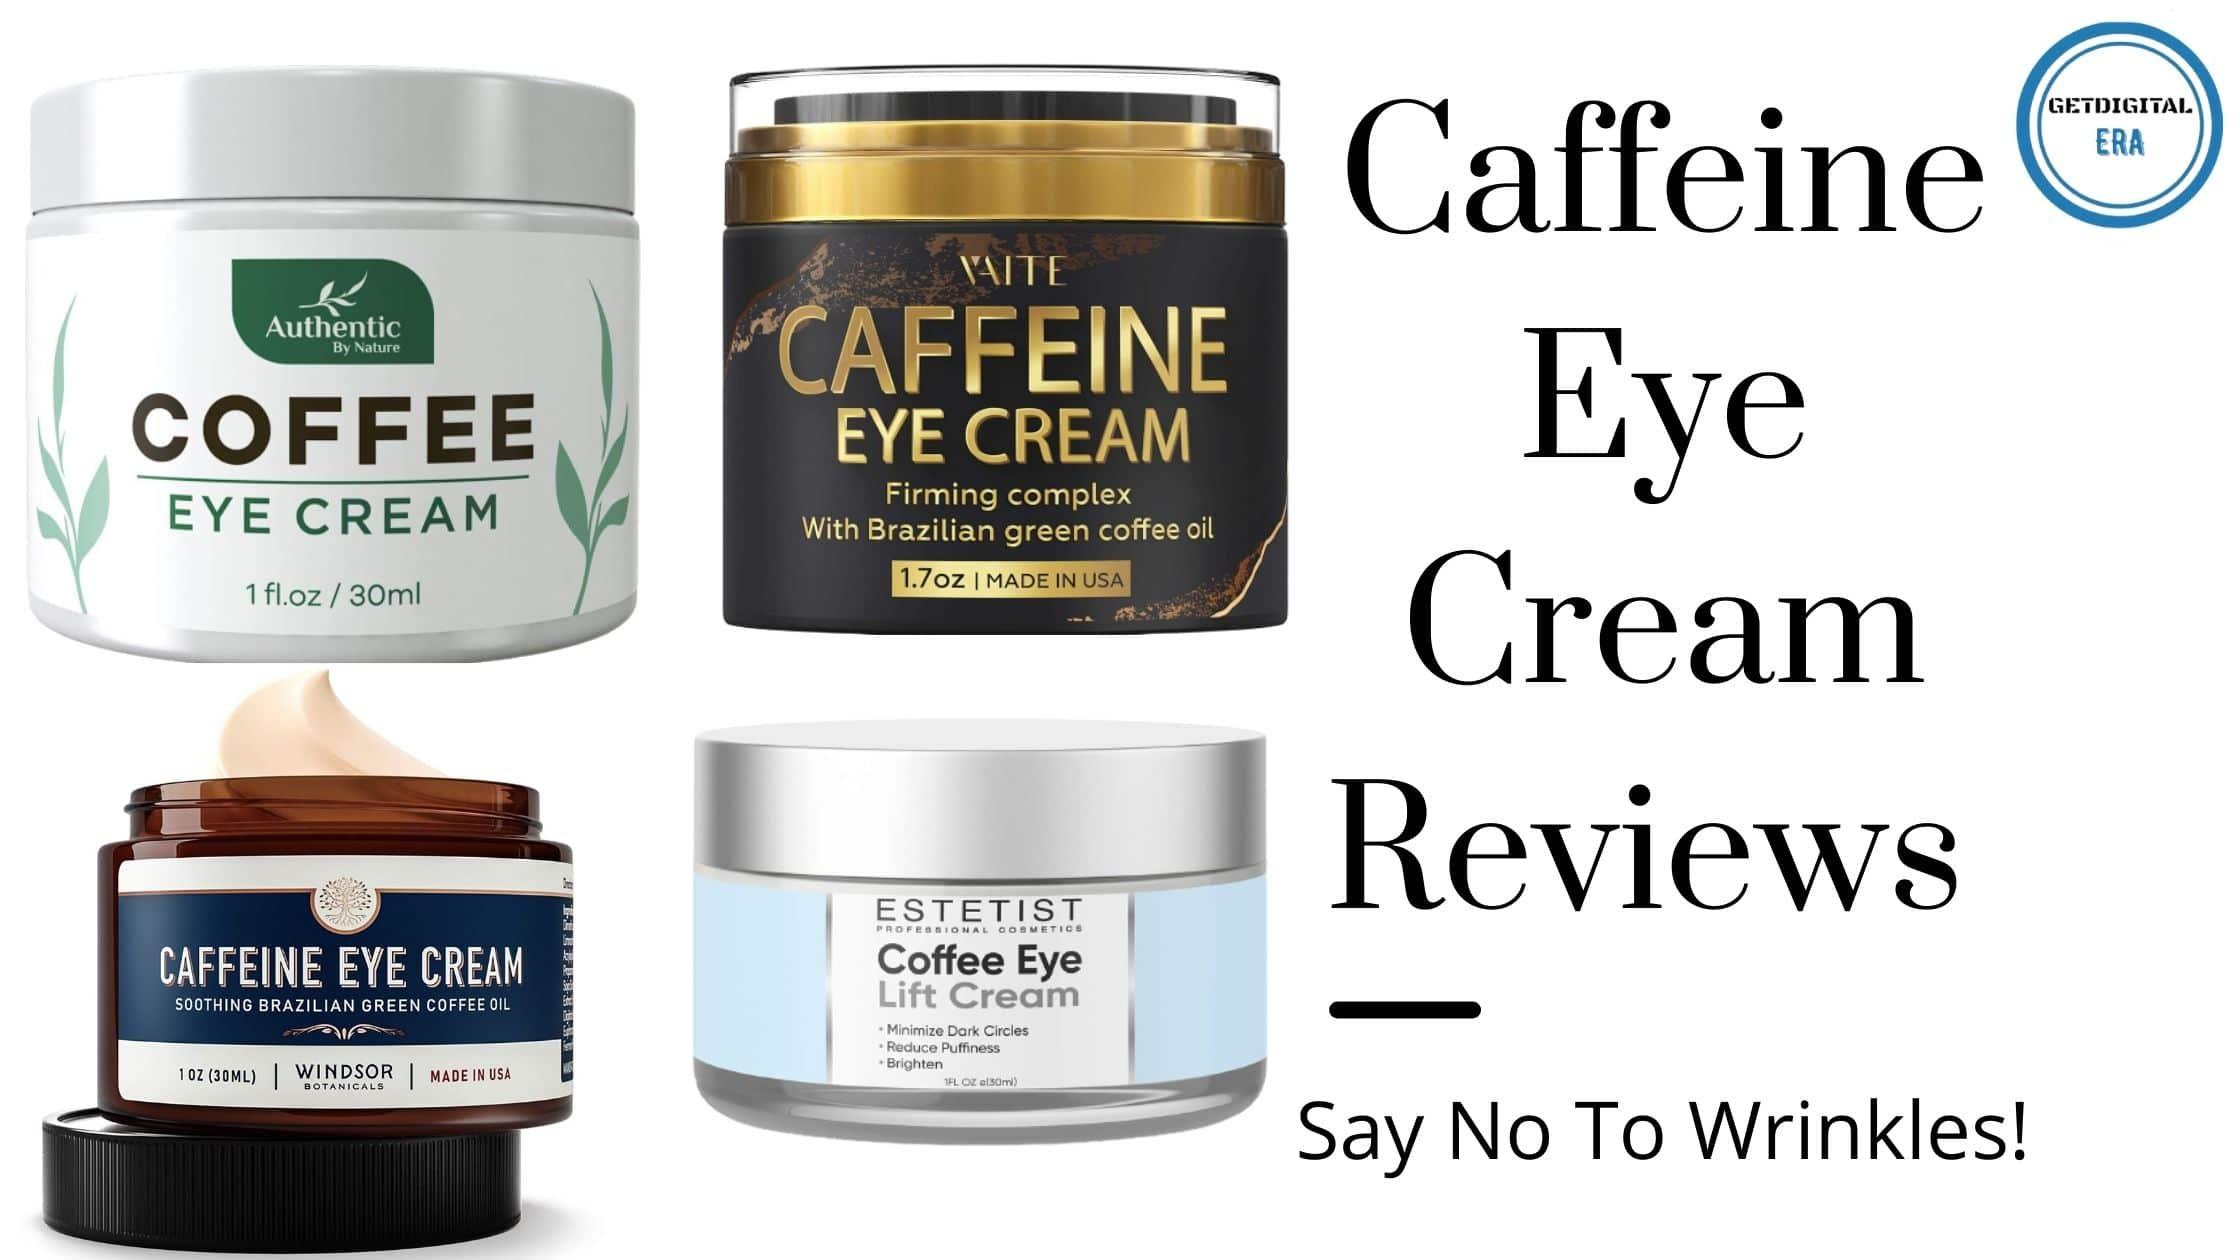 Caffeine Eye Cream Reviews